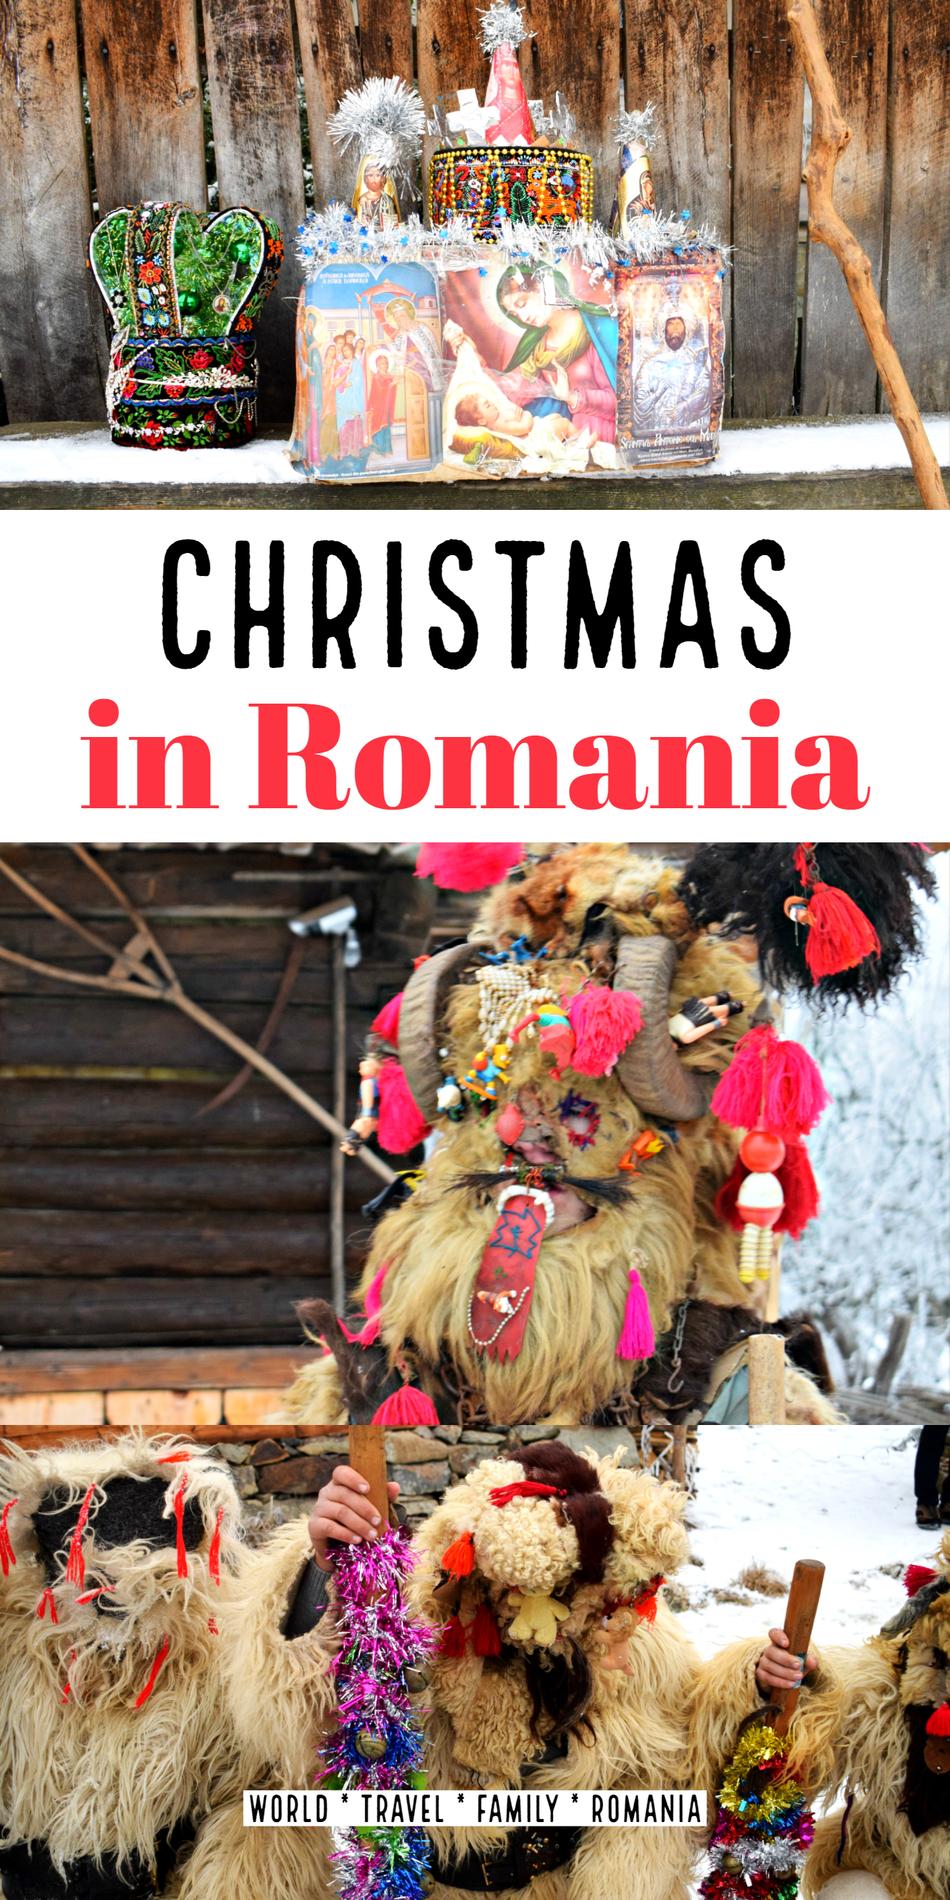 罗马尼亚的圣诞节